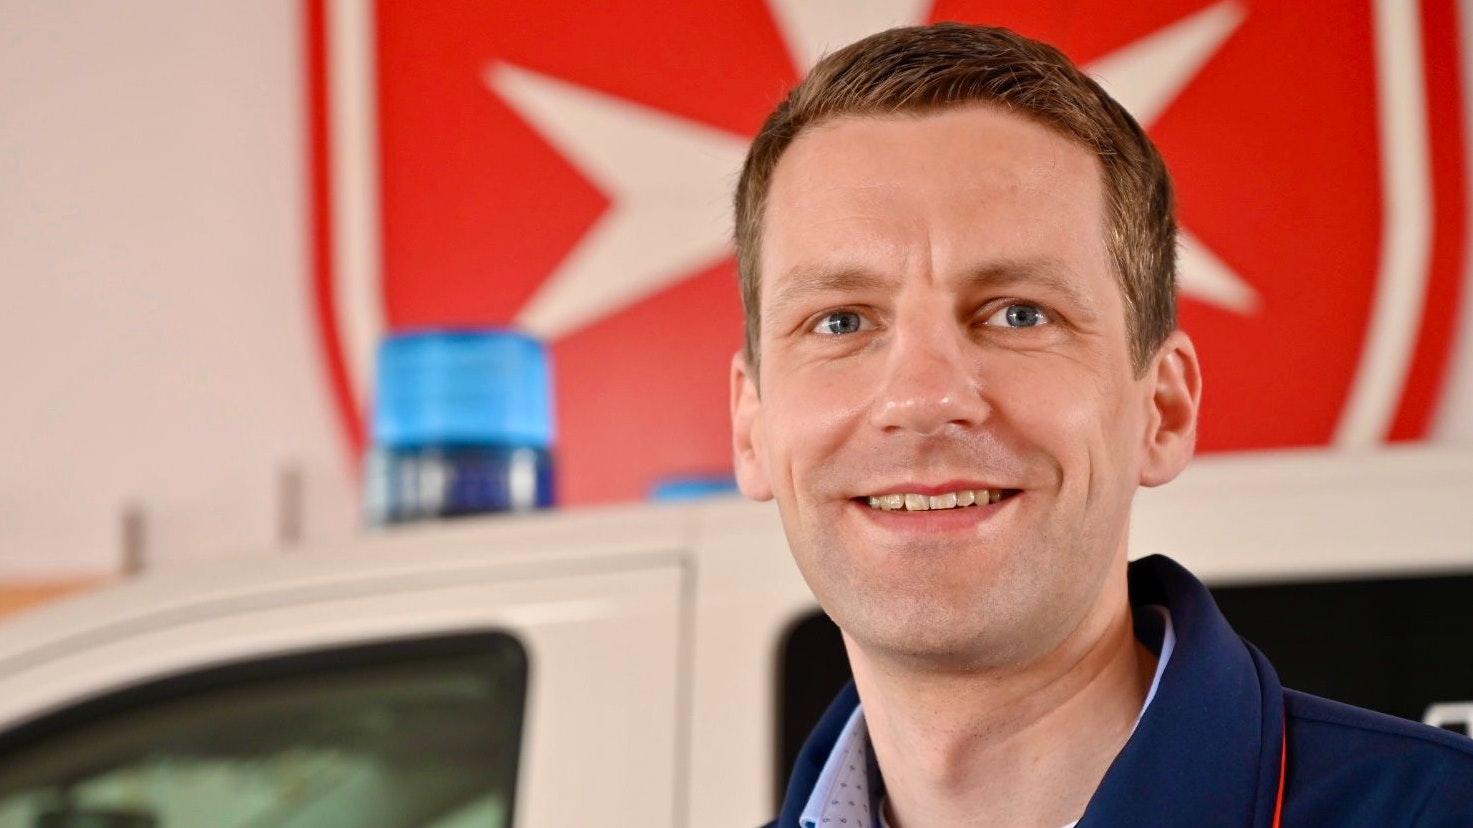 Engagiert sich gern als SEG-Leiter der Malteser in Damme: Michael Gier. Foto: M. Niehues